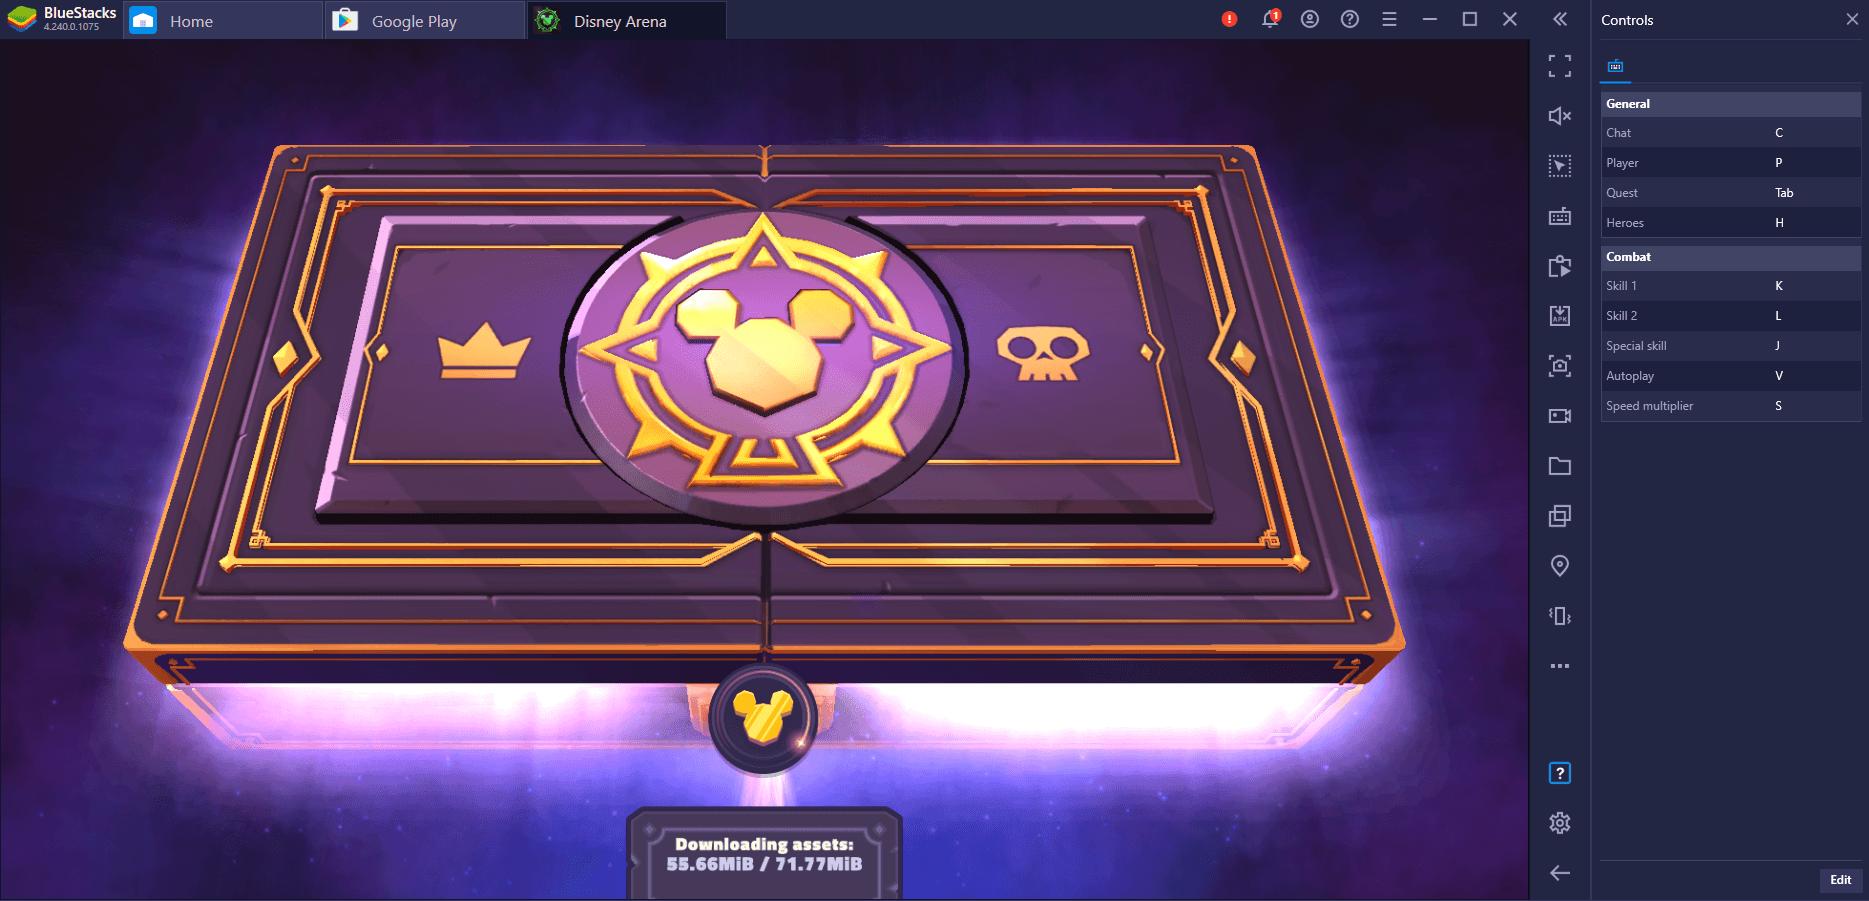 تعرف على لعبة Disney Sorcerer's Arena على الكمبيوتر الشخصي